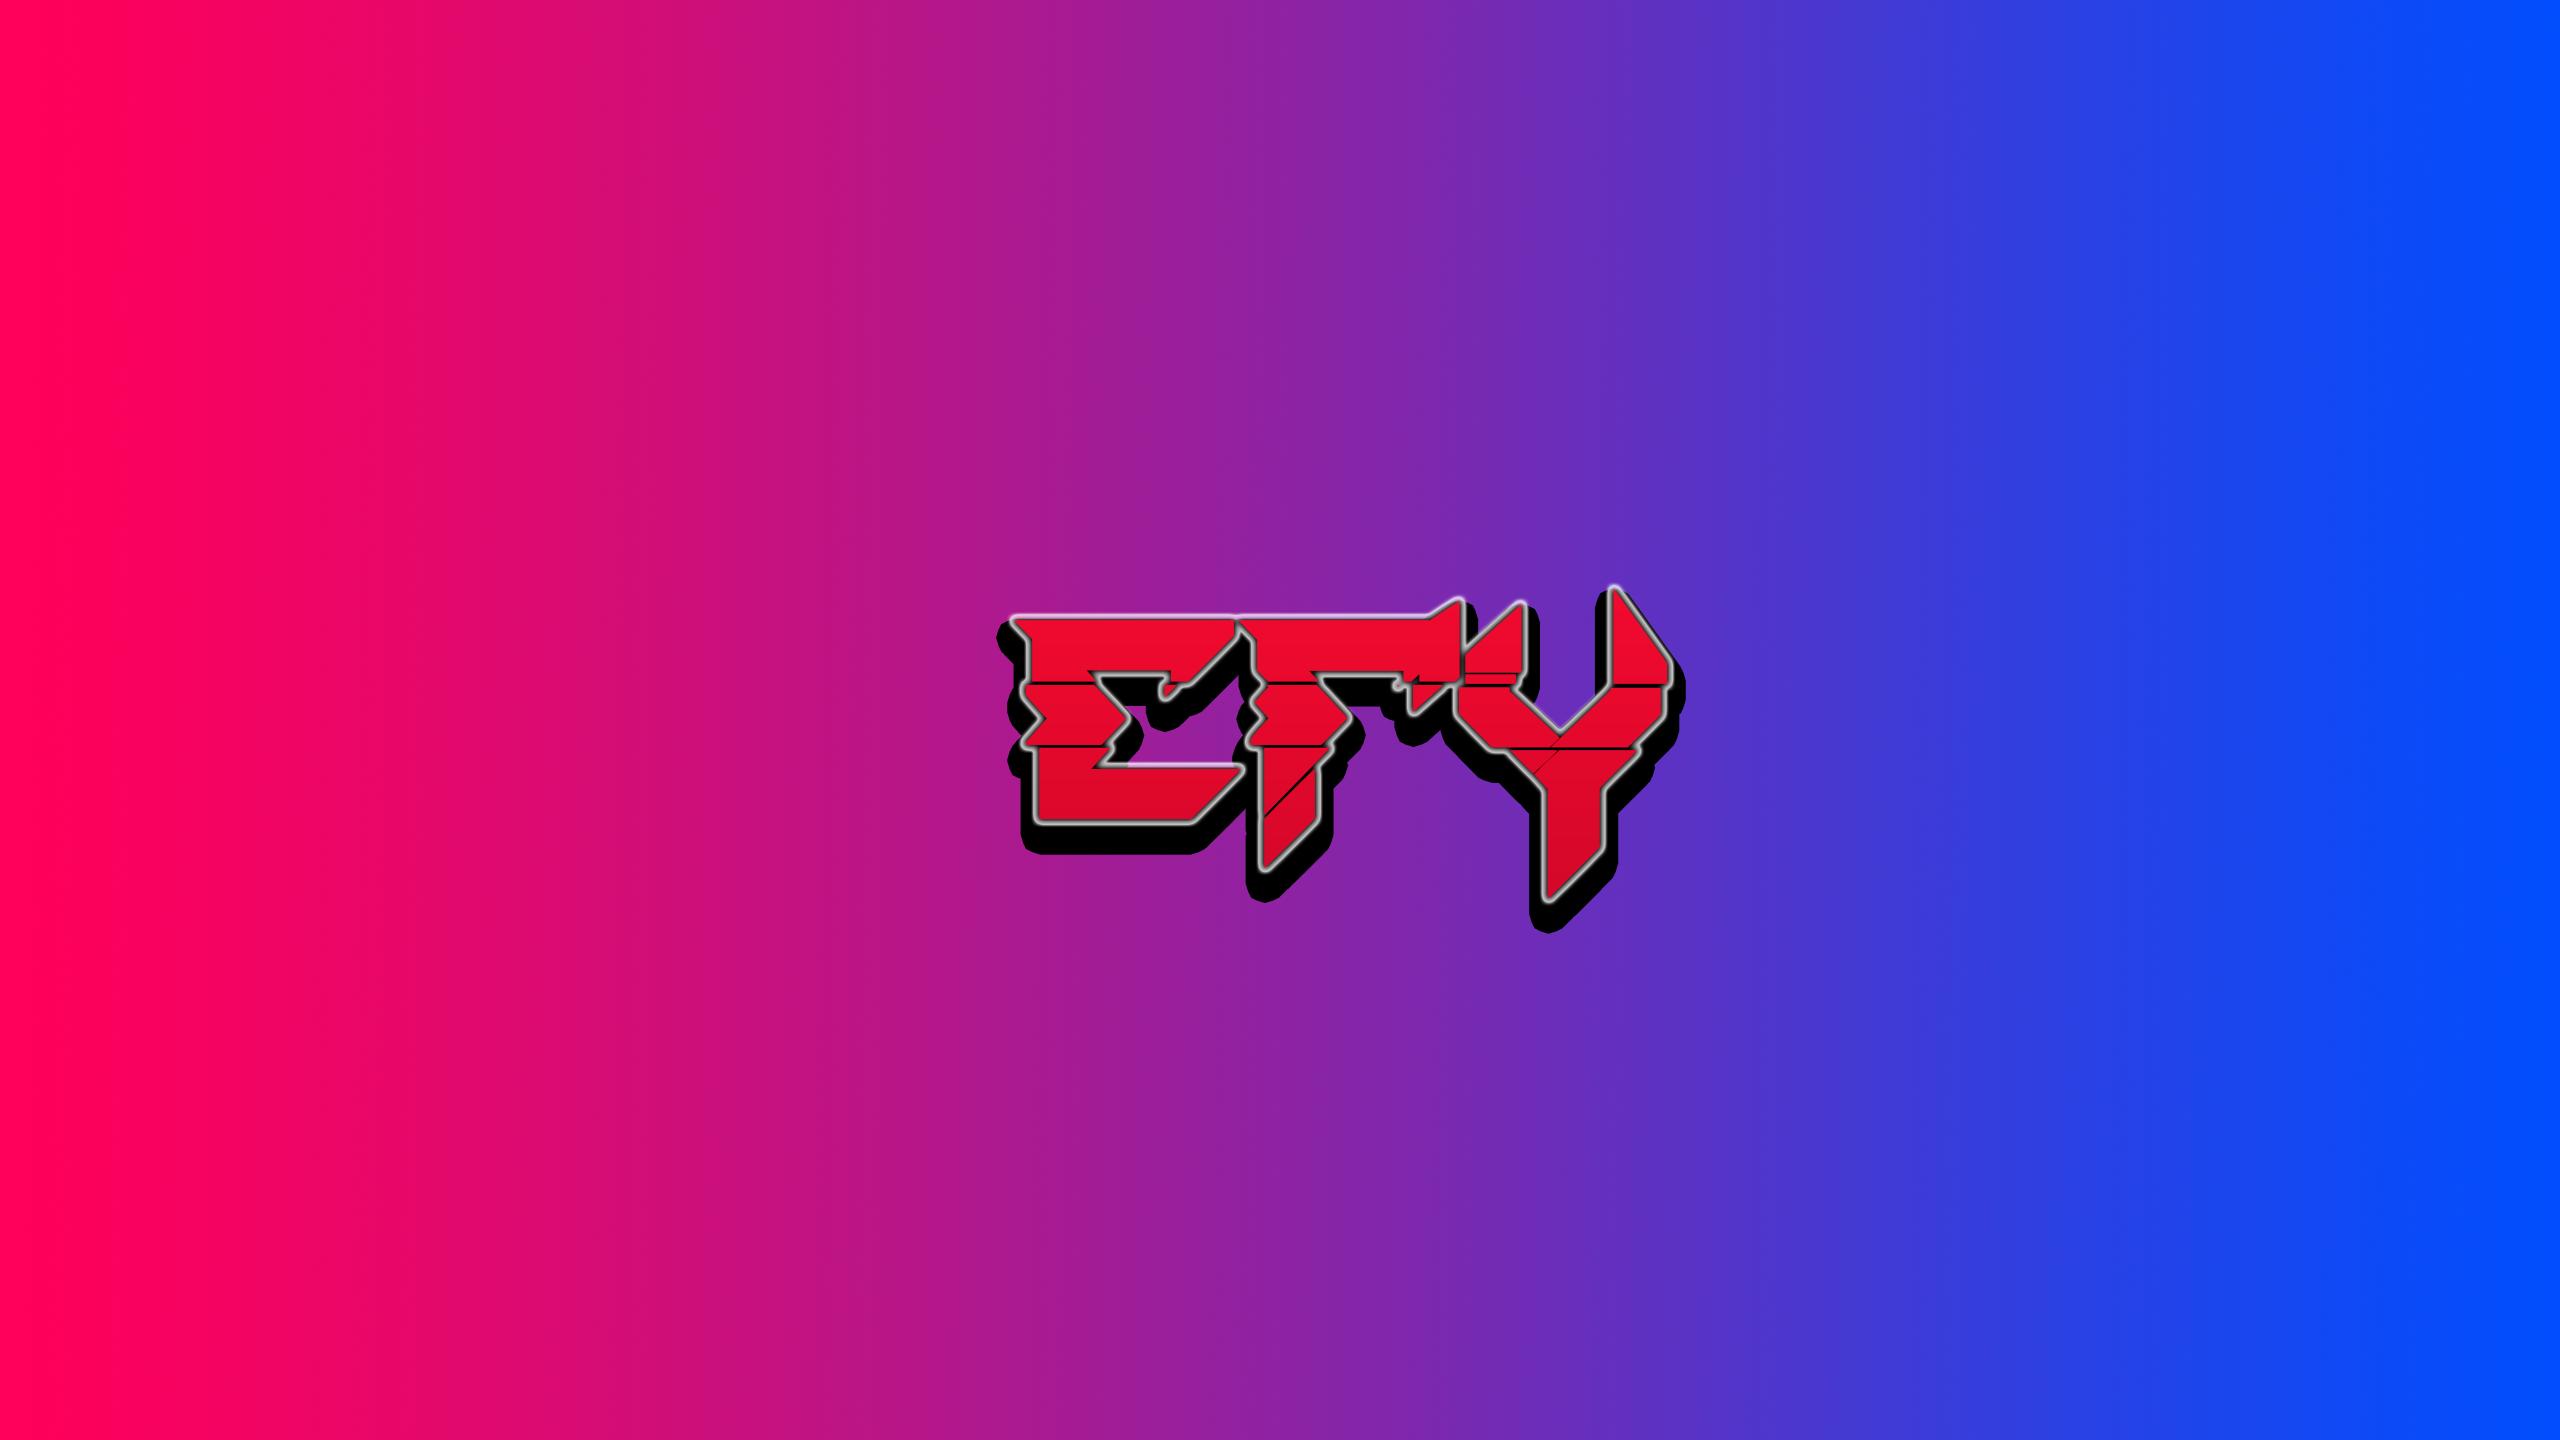 Efy_FZ profile picture